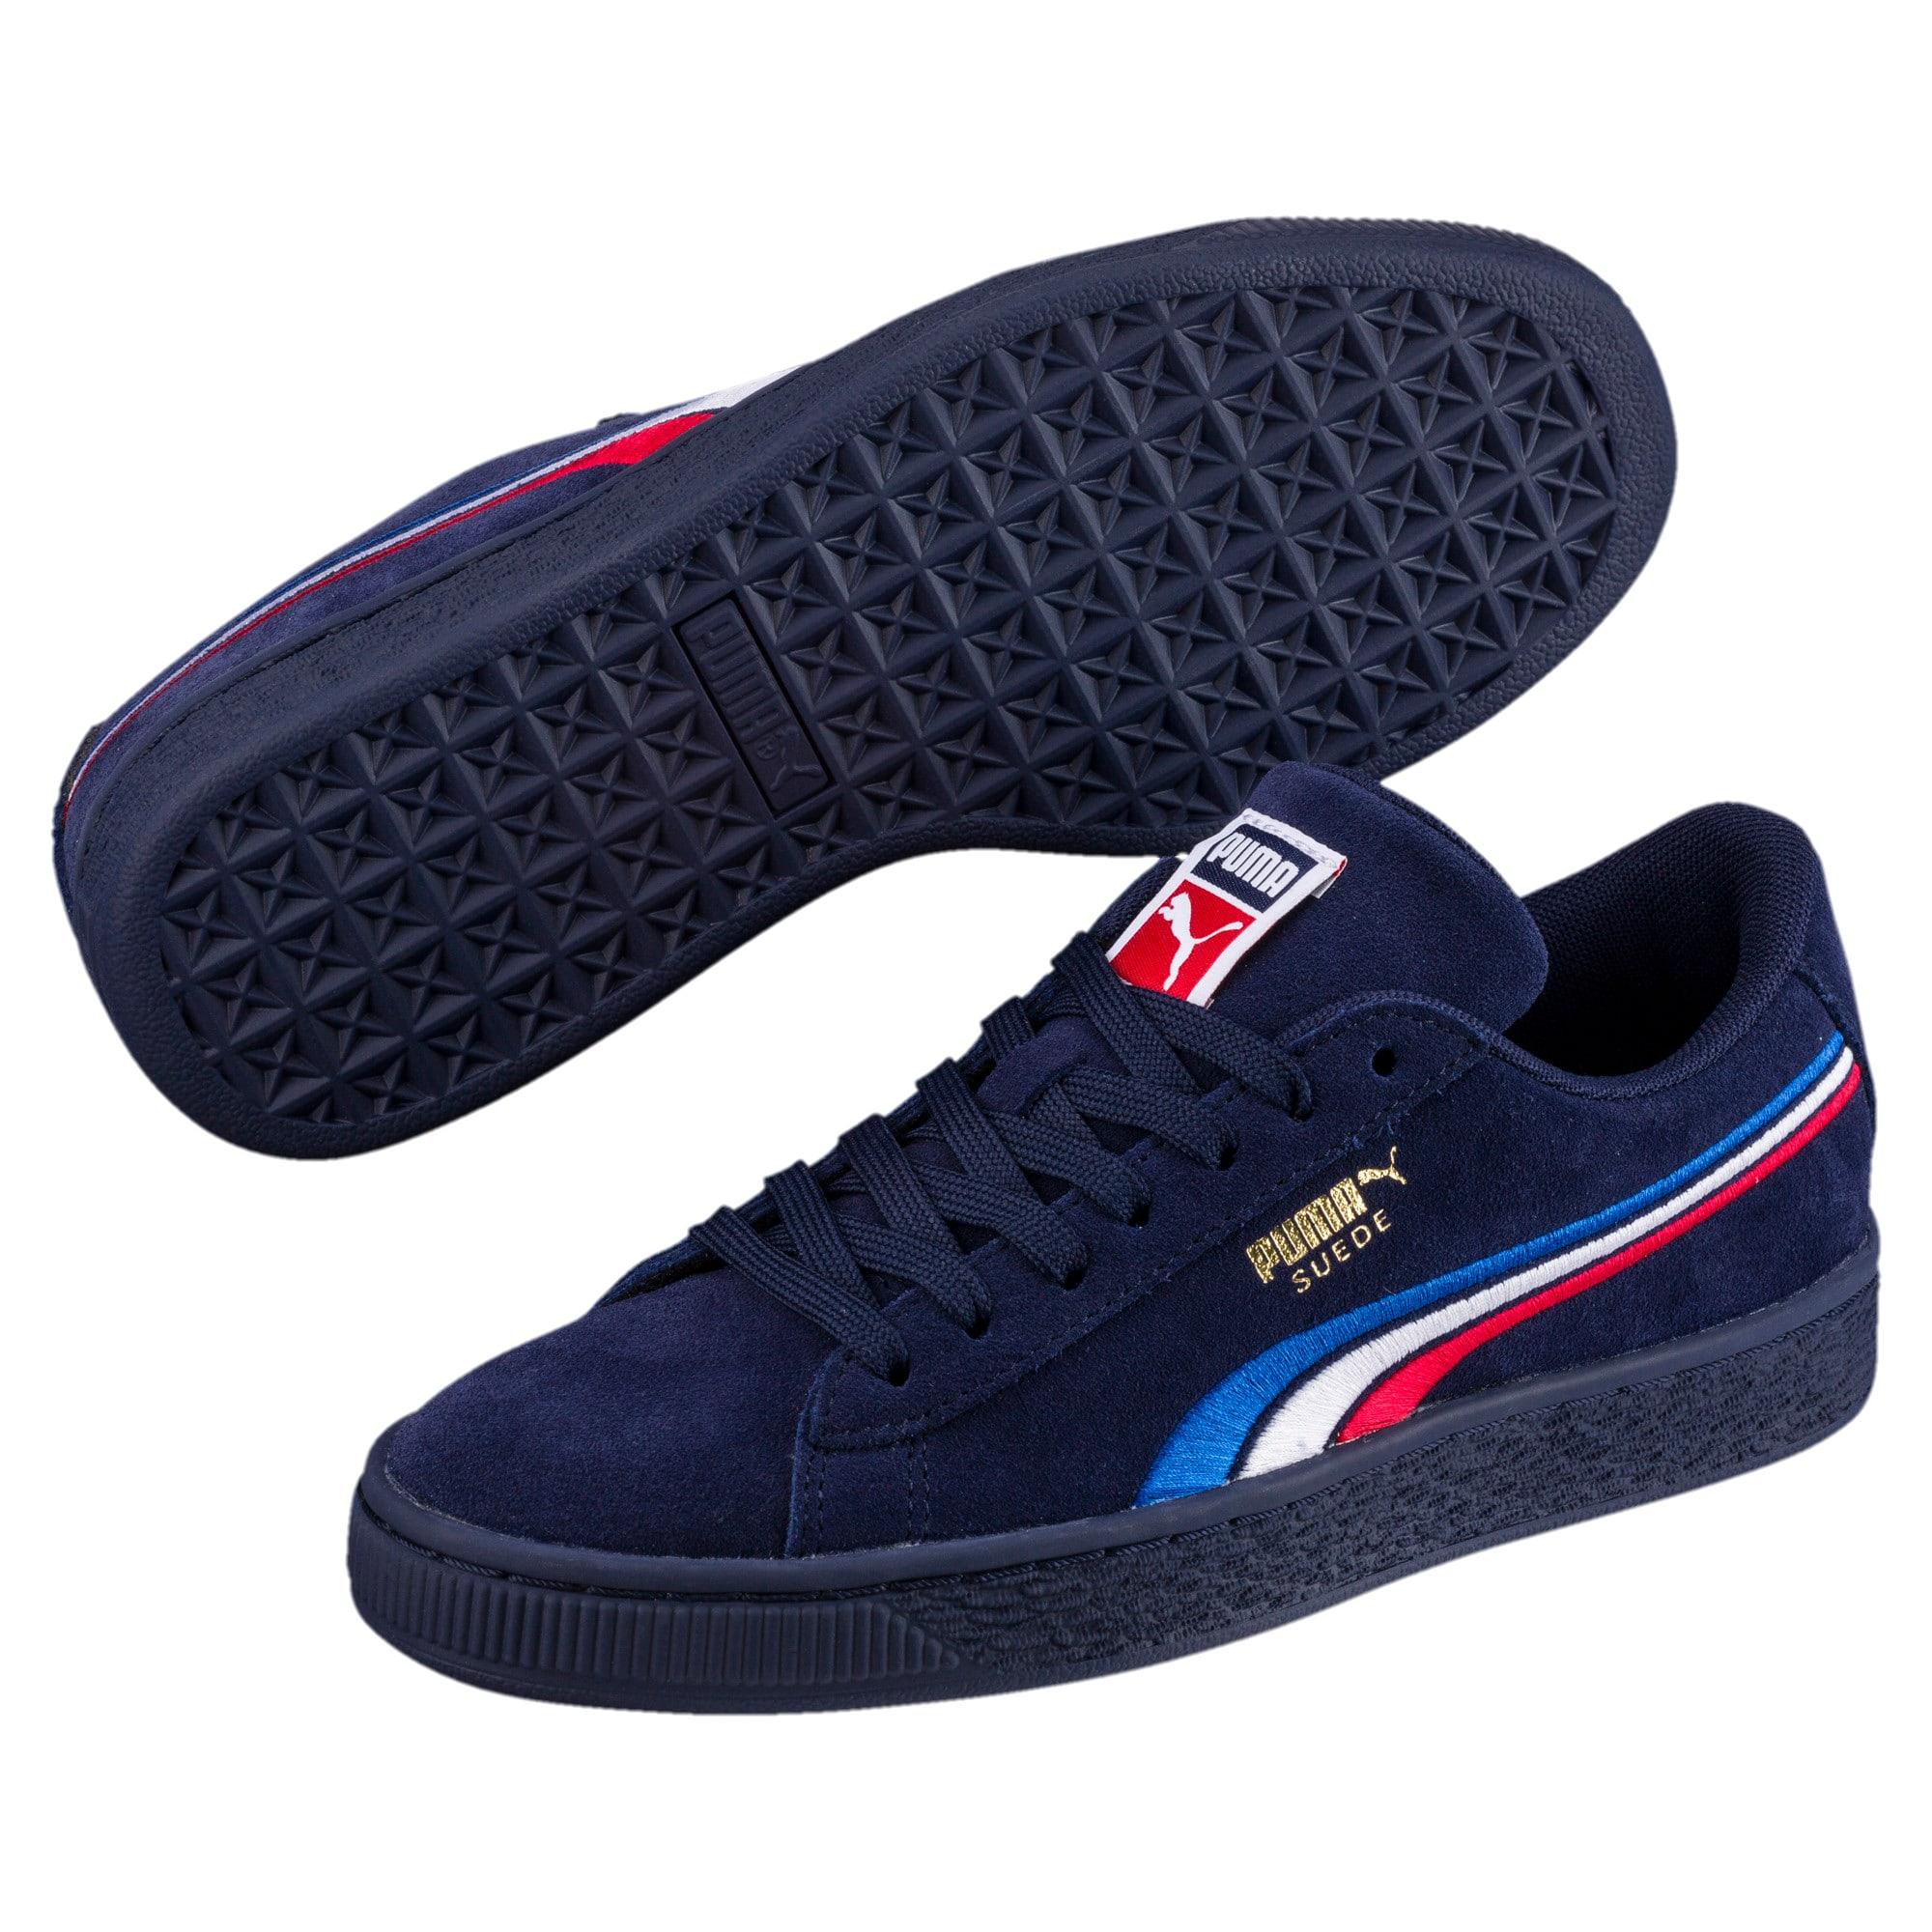 Miniatura 2 de Zapatos Suede Classic con bordado multicolor para niño pequeño, Peacoat-Blanco-Rojo-Azul, mediano